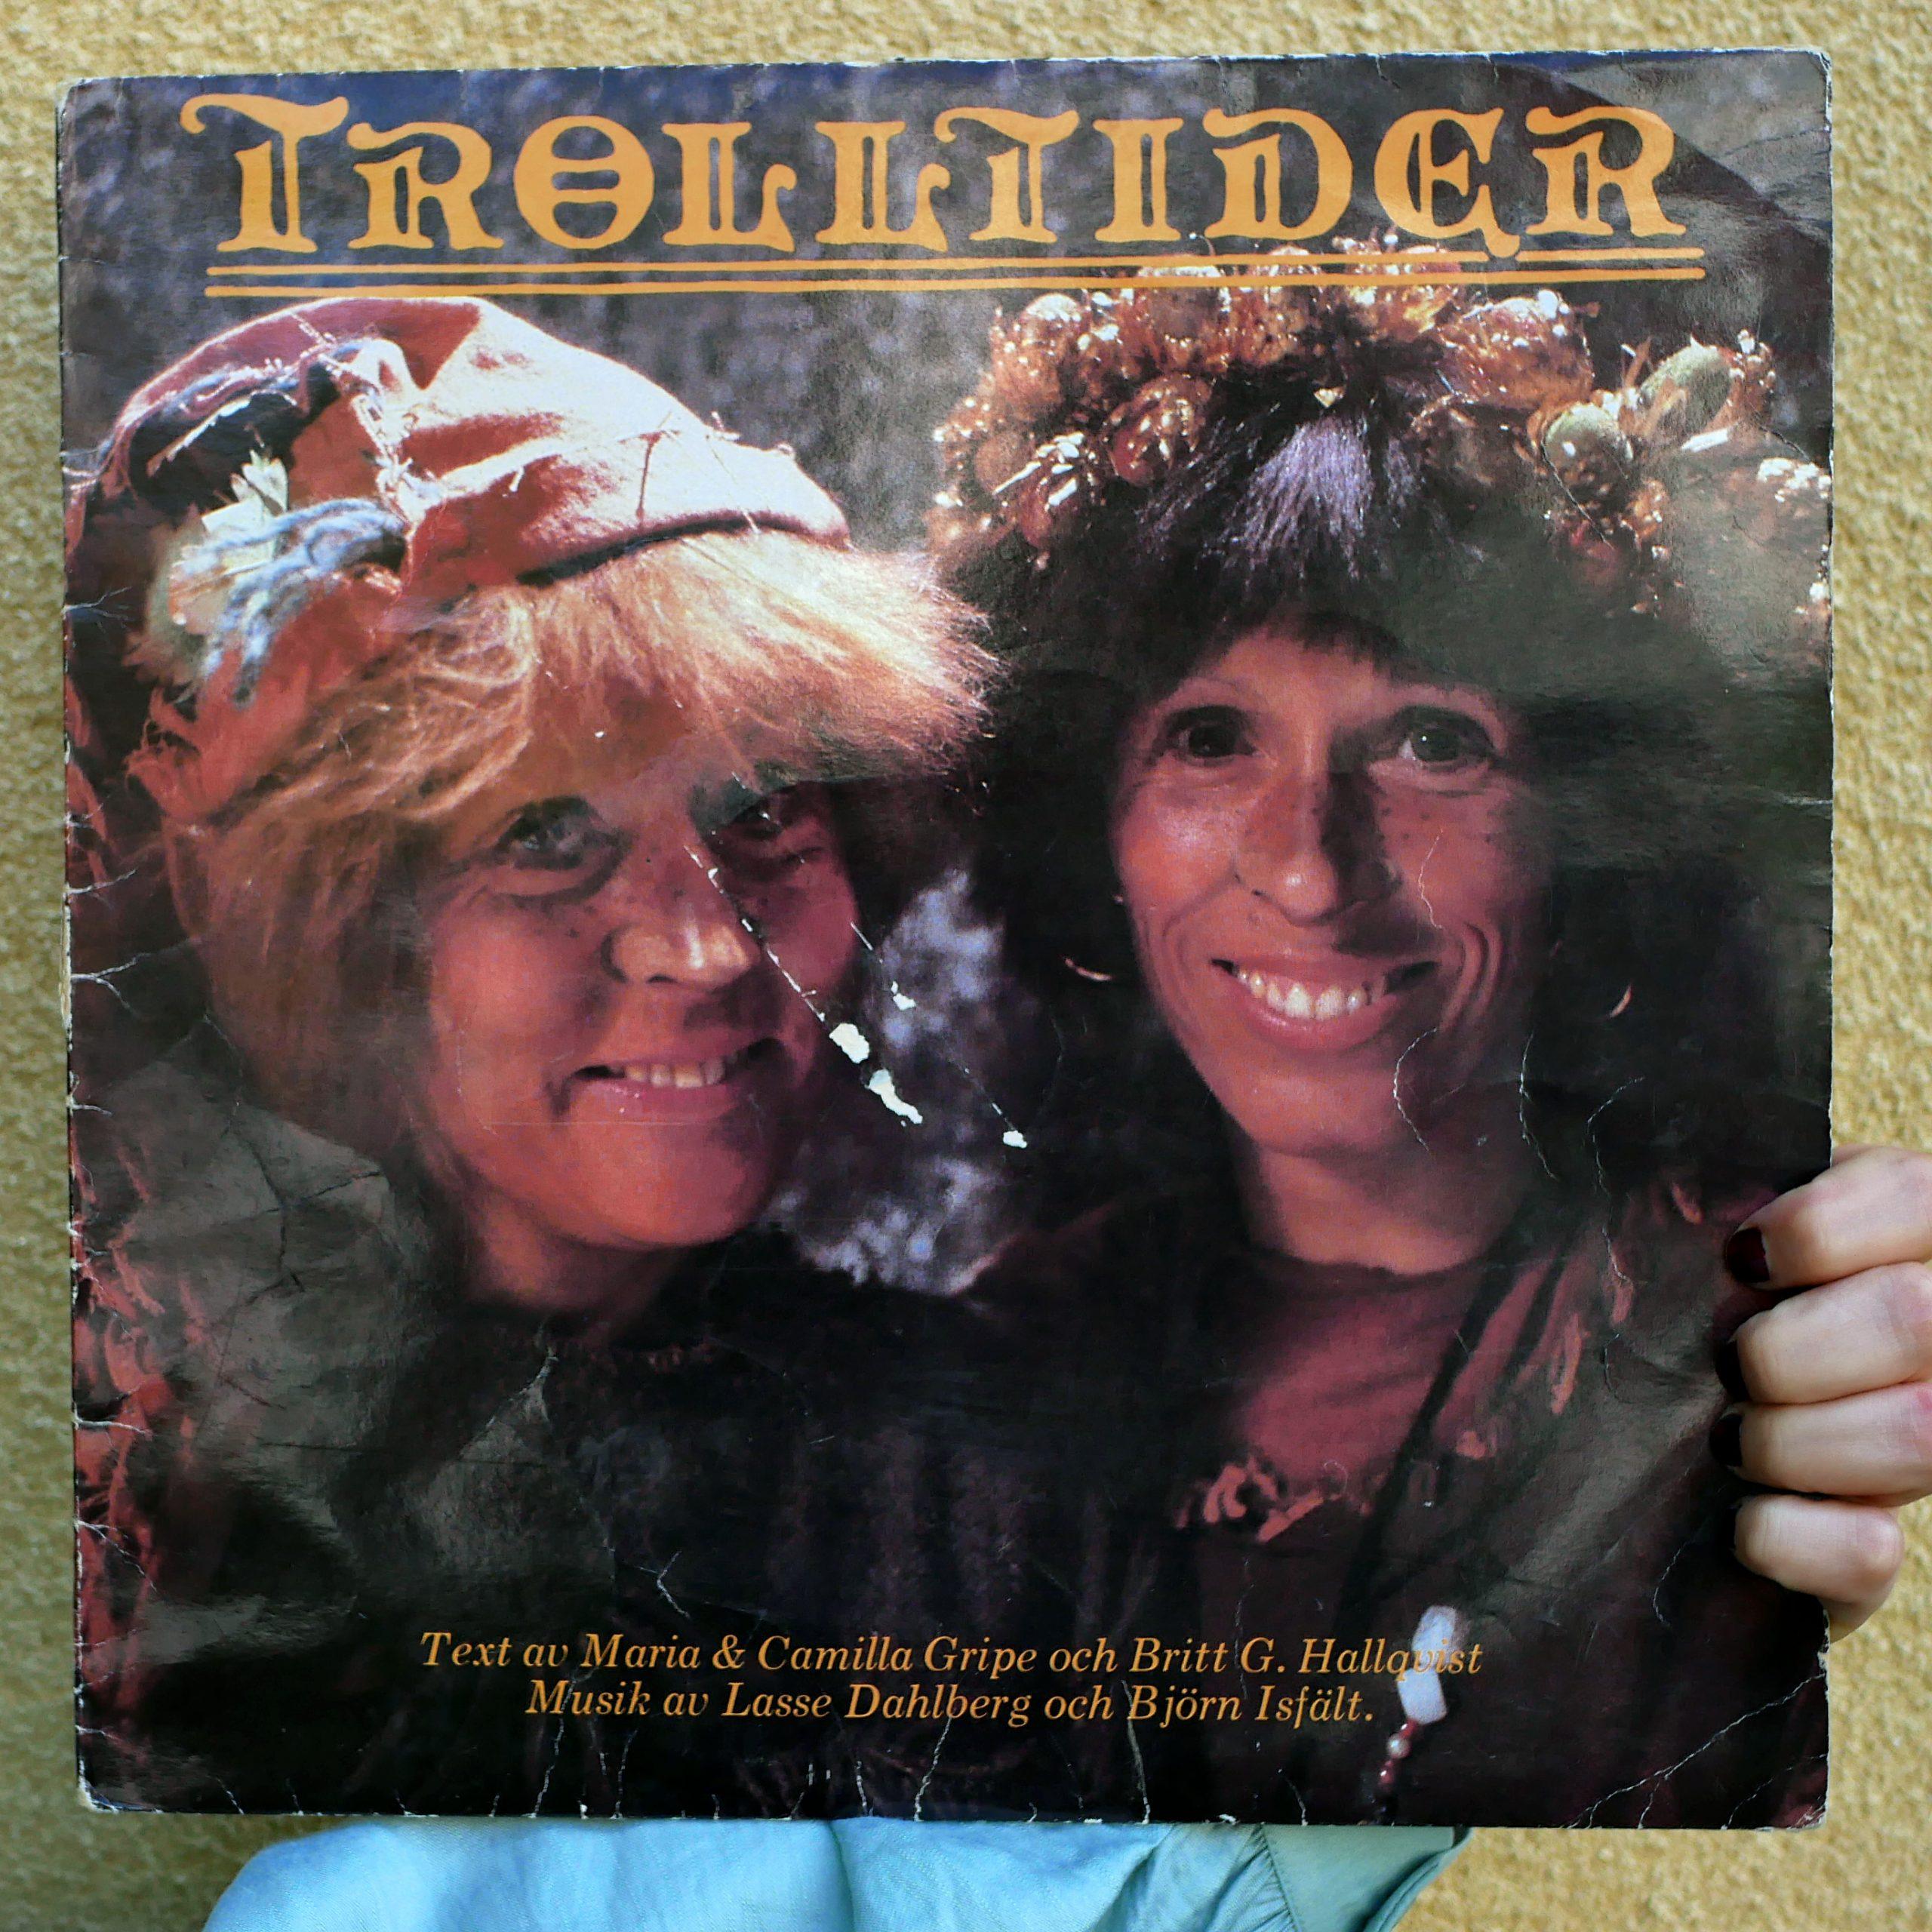 Lasse Dahlberg, Björn Isfält med flera – Trolltider [LP, 1979]